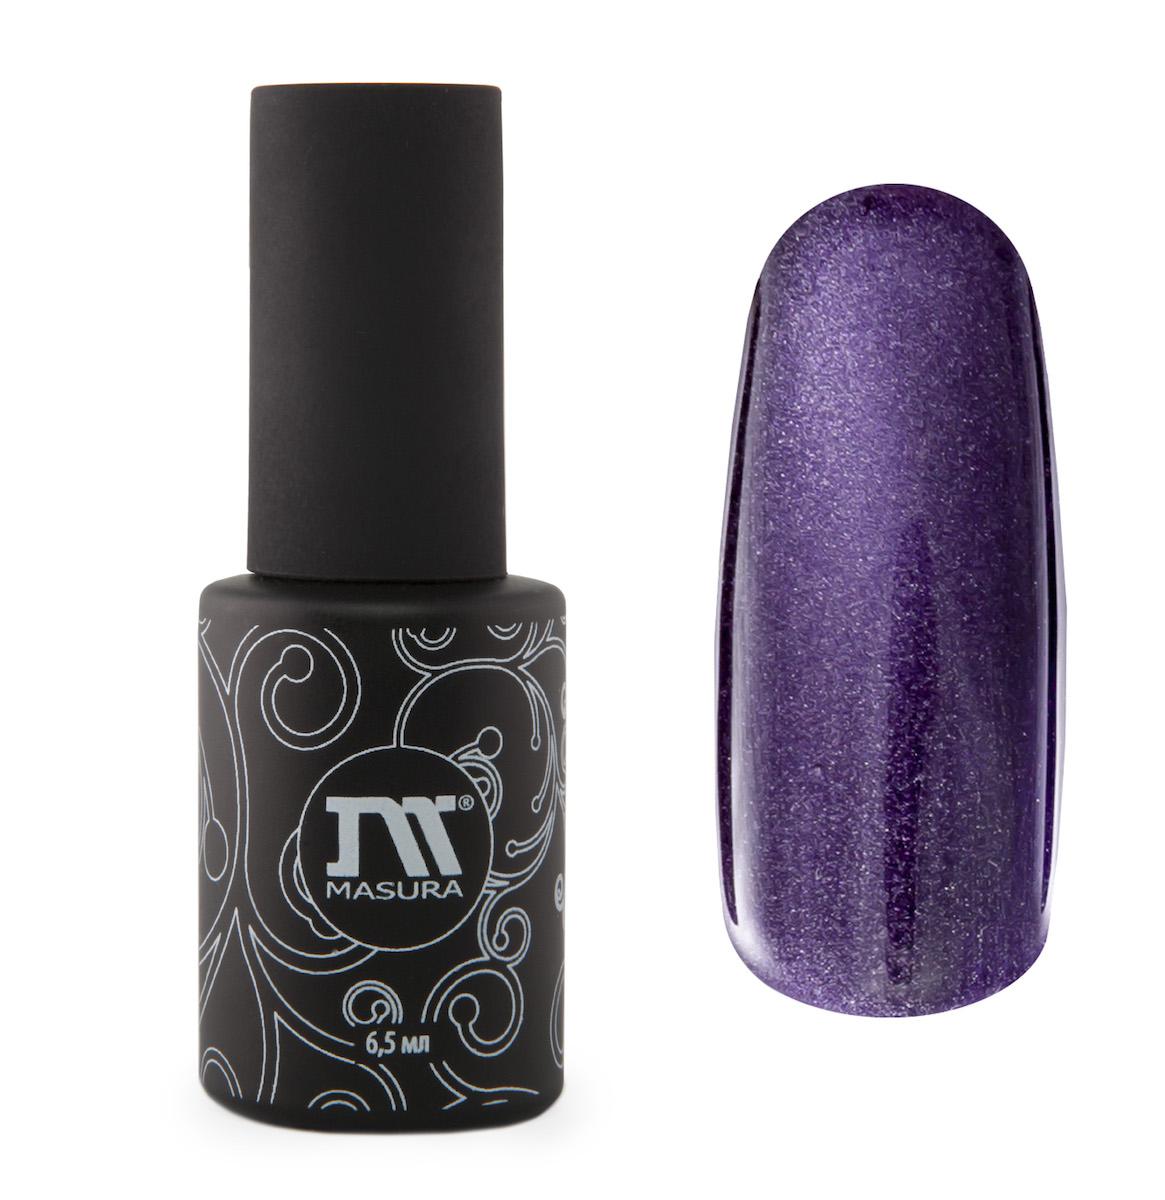 Masura Гель-лак Аметисты Ришелье, 6,5 мл31438темно-фиолетовый, с зеркальным переливом, плотный